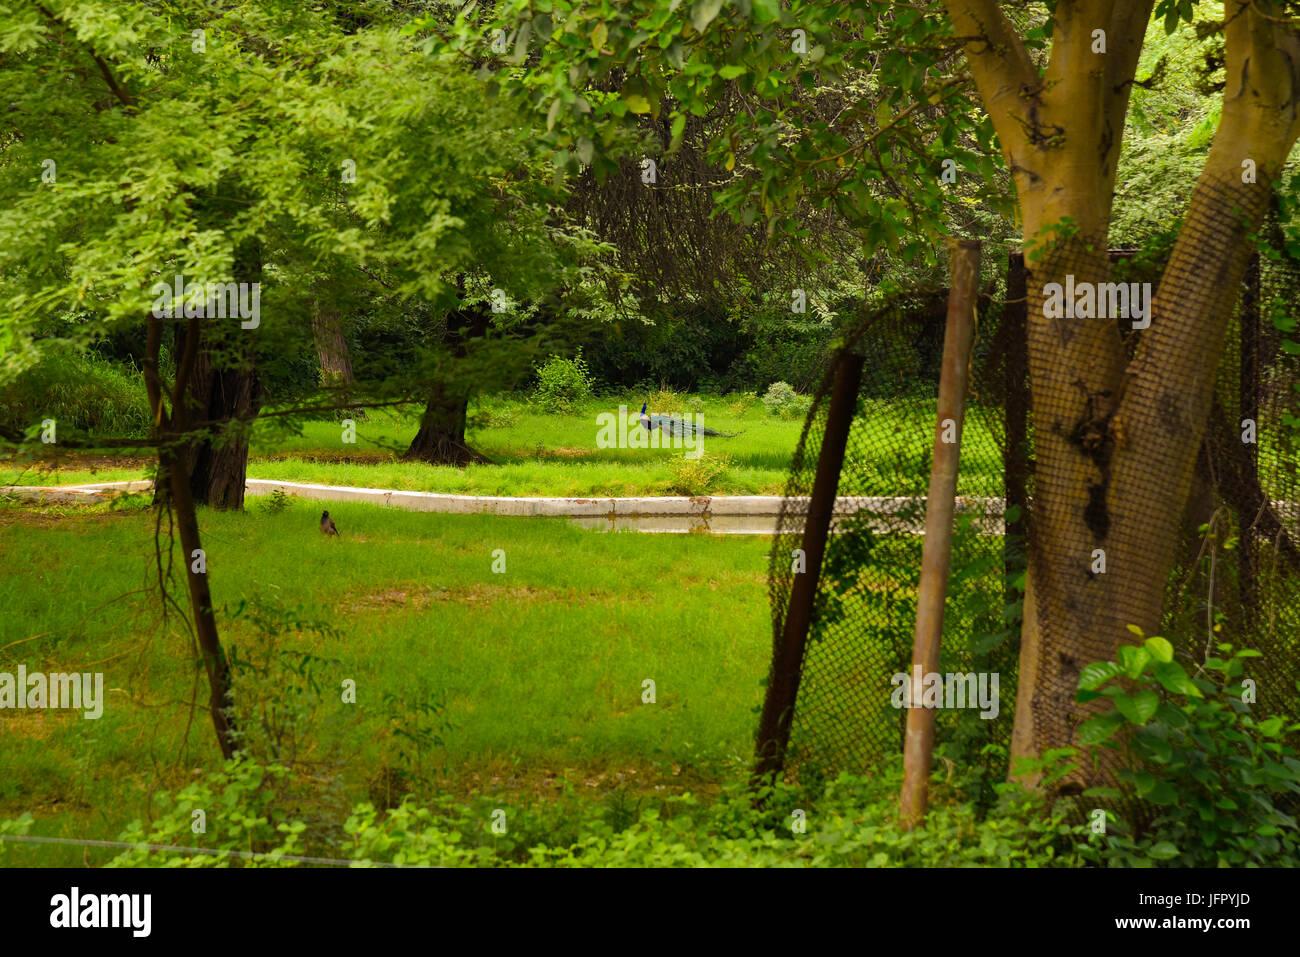 Ave Nacional de la India Peacock en verde de la naturaleza al aire libre, parque o bosque en el mes de junio de 2017 después de la lluvia Foto de stock